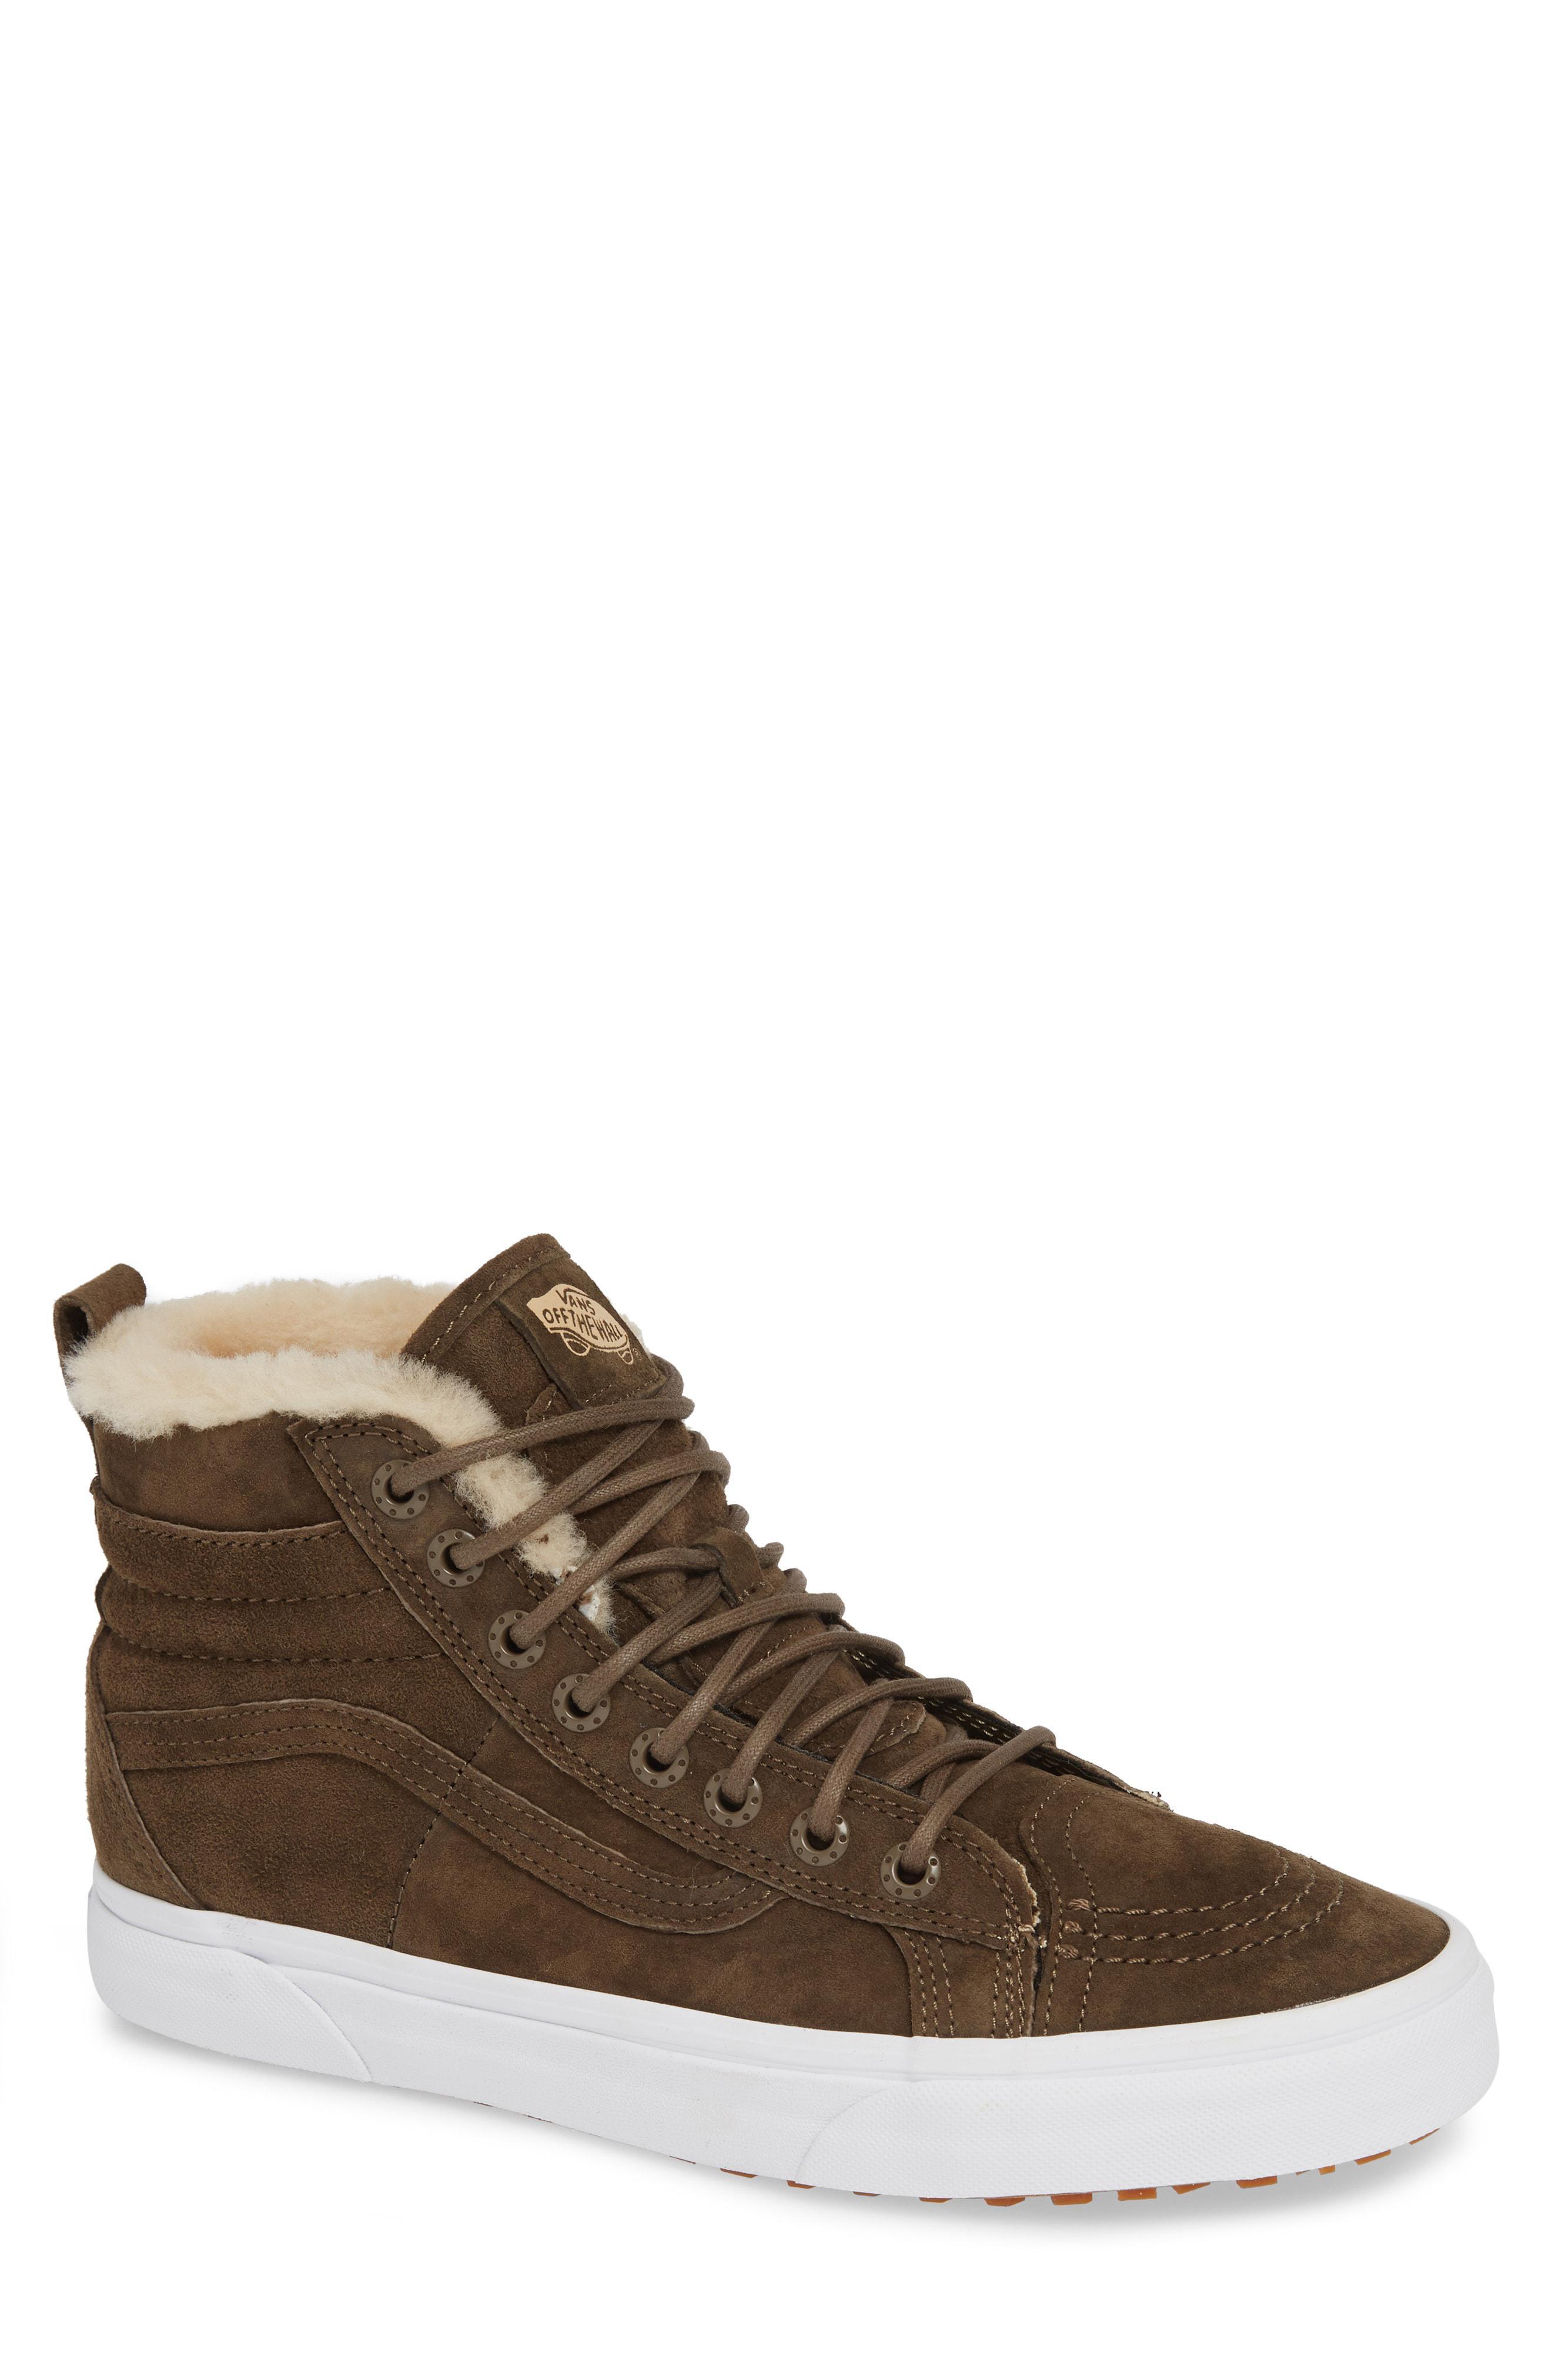 fee4678c680c Lyst - Vans Nyc Sk8 Hi 46 Mte Dx Sneaker in Brown for Men - Save 33%